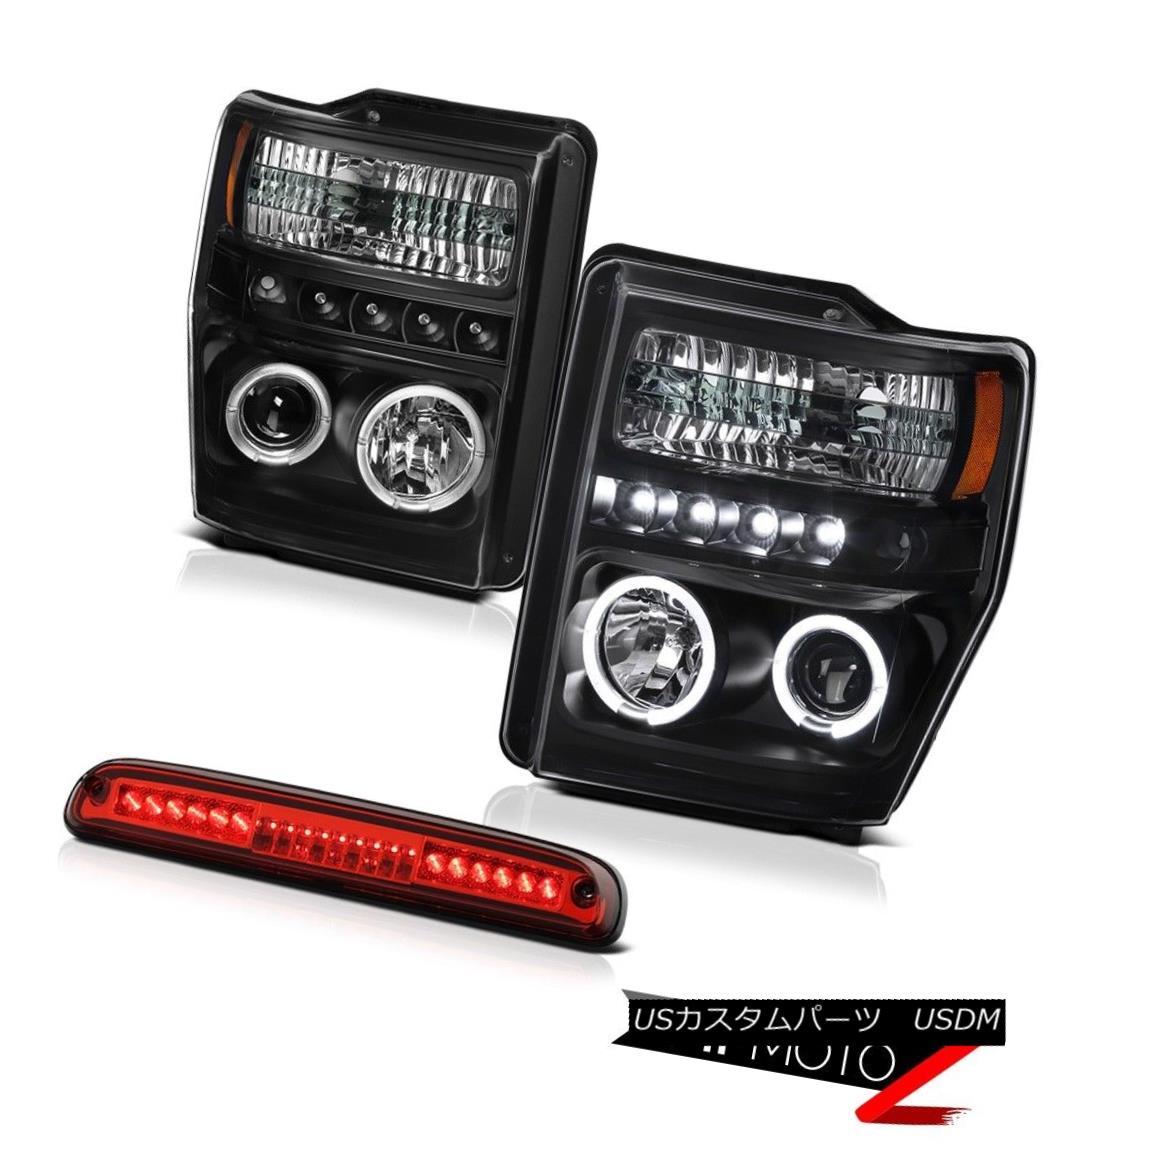 ヘッドライト 08-10 F350 6.3L Daytime Projector Halo LED Headlight High Stop LED Red 3RD Brake 08-10 F350 6.3L昼間プロジェクターHalo LEDヘッドライトハイストップLED赤3RDブレーキ